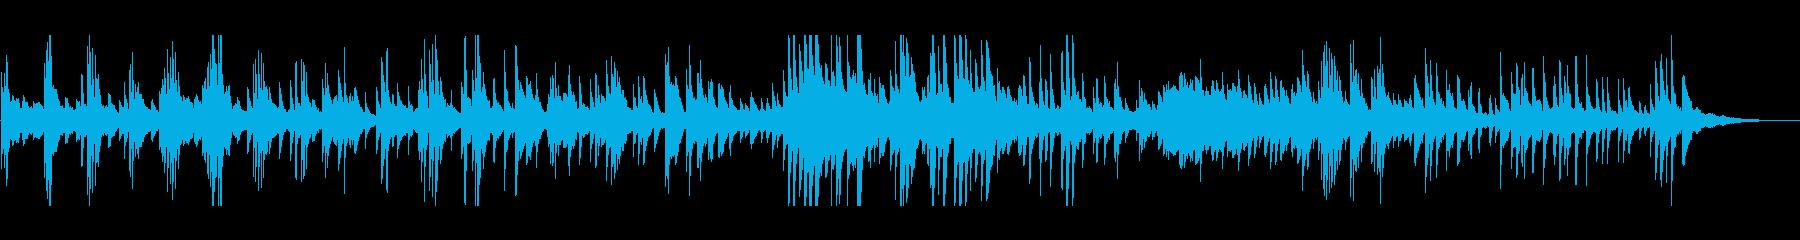 アンニュイで神秘的 静謐なピアノソロの再生済みの波形